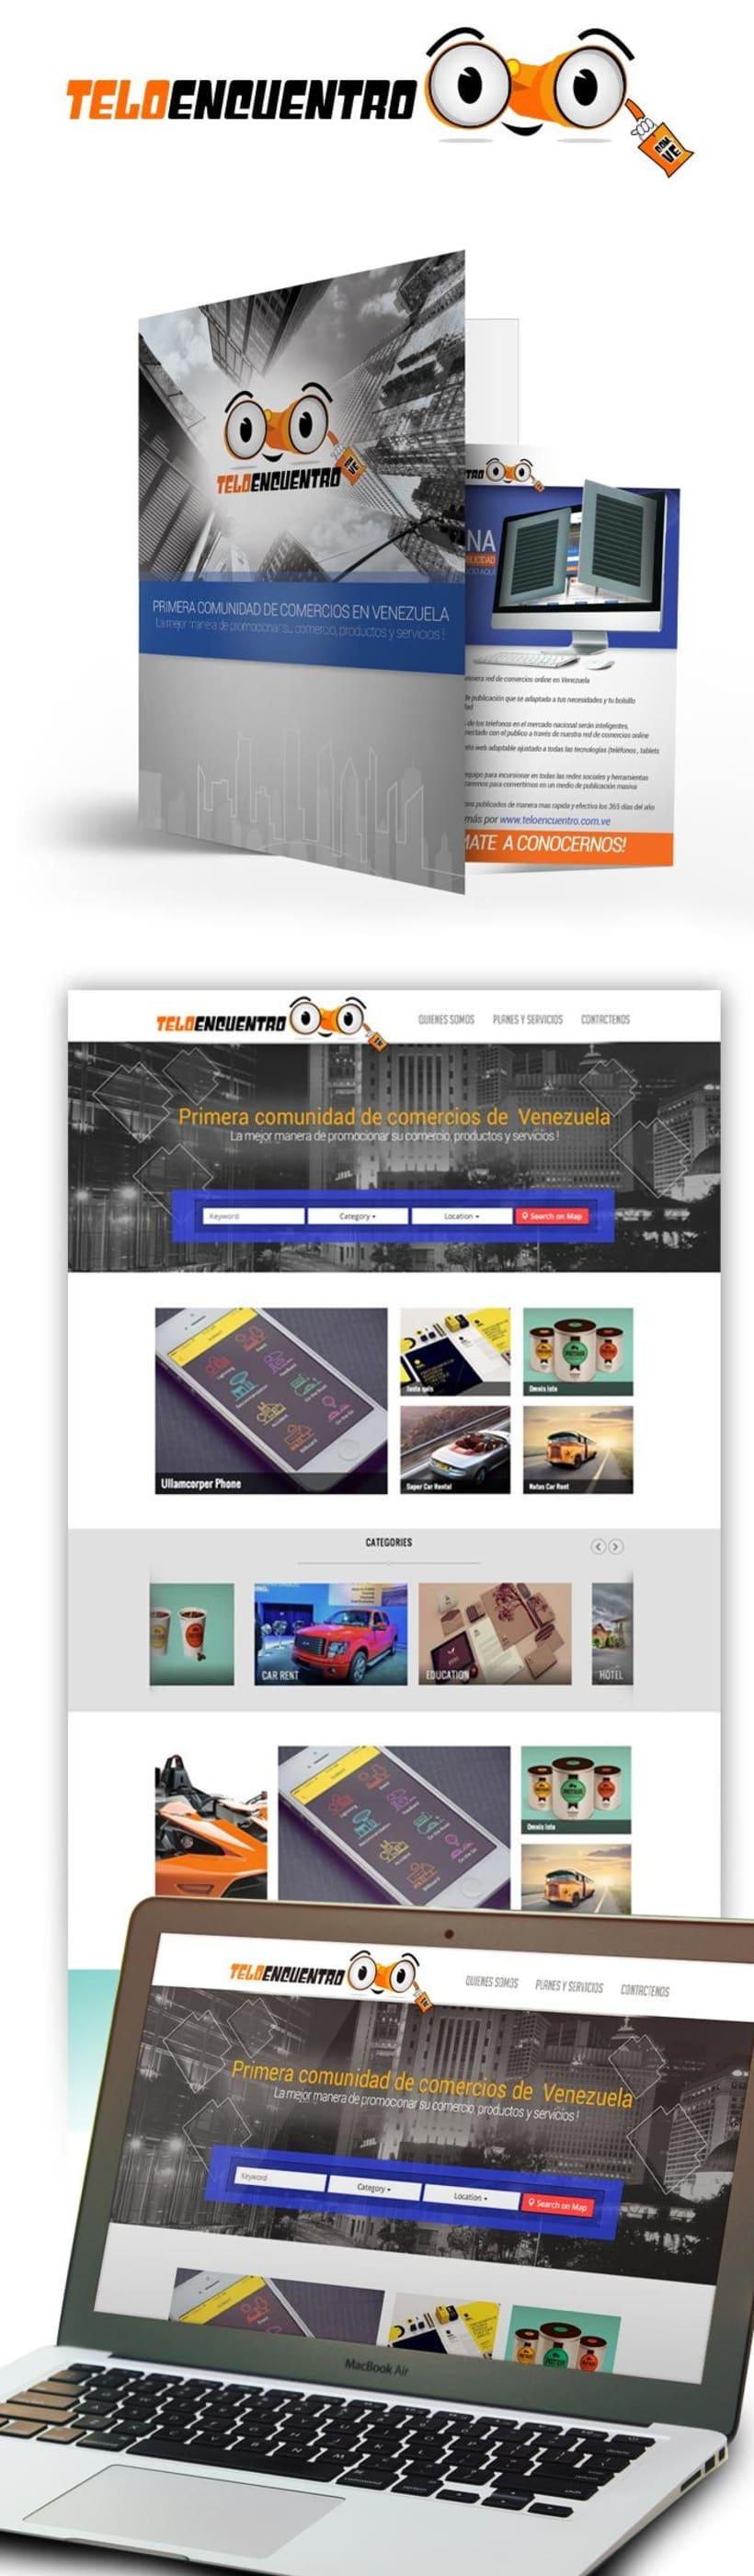 Teloencuentro.com.ve 0